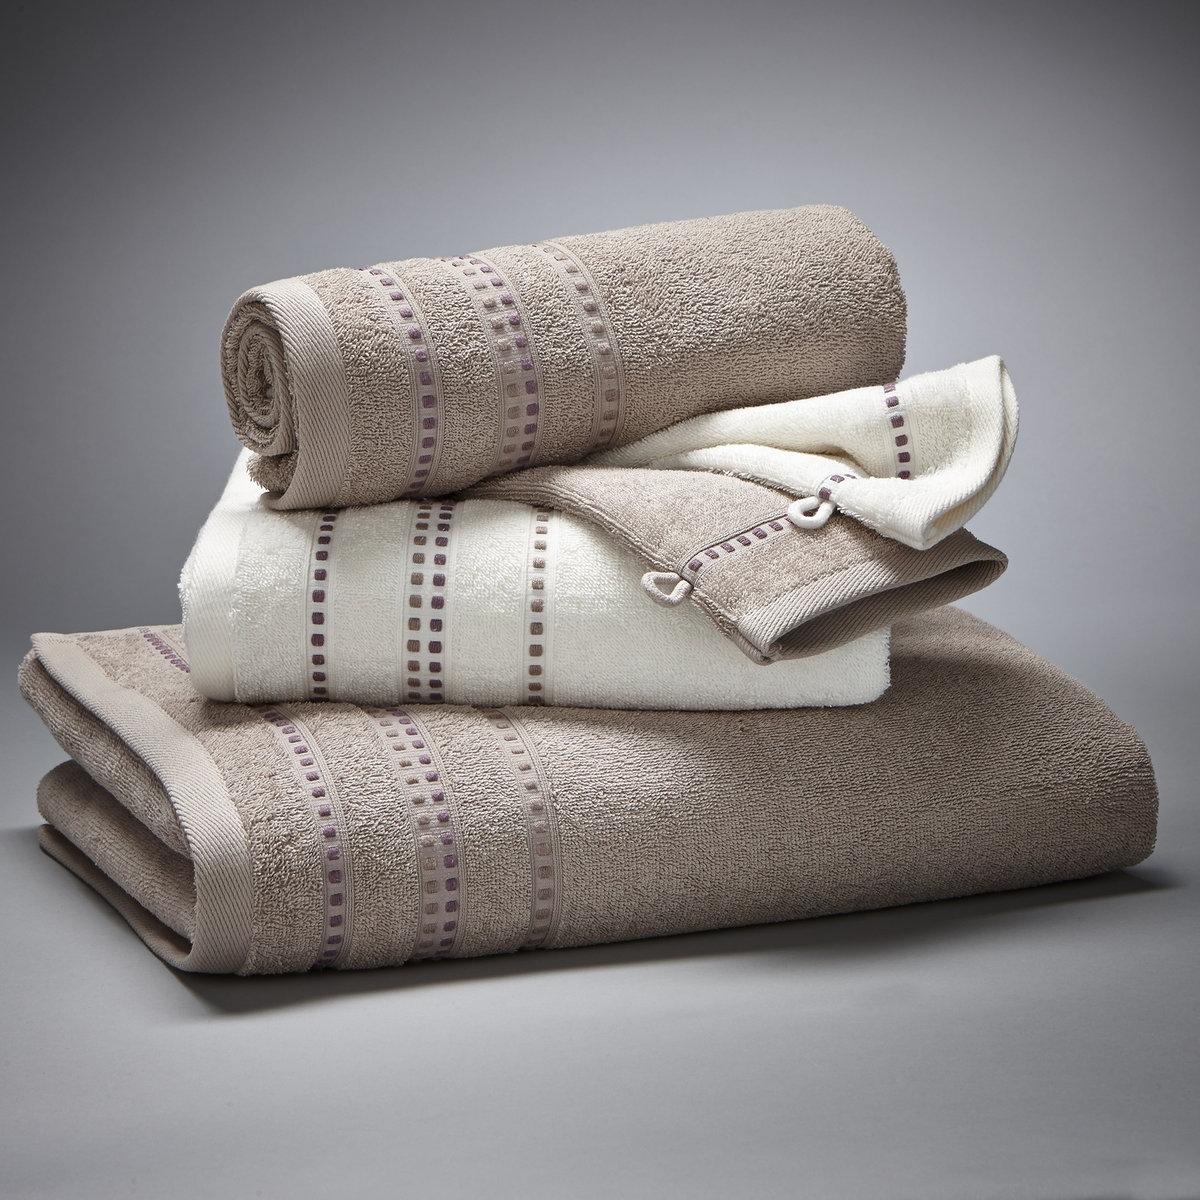 Комплект для ванной, 420 г/м?Комплект с каймой из вискозной нити:- 1 однотонное банное полотенце размером 70 x 130 см- 2 стандартных полотенца (1 белое и 1 цветное) размером 50 x 90 см- 2 банные рукавички (1 белая и 1 цветная) размером 15 x 21 см.Махровая ткань из 100% хлопка, 420 г/м?.Материал долго сохраняет мягкость и прочность. Превосходная стойкость цвета при стирке 60°.Машинная сушка.<br><br>Цвет: бежевый,темно-серый